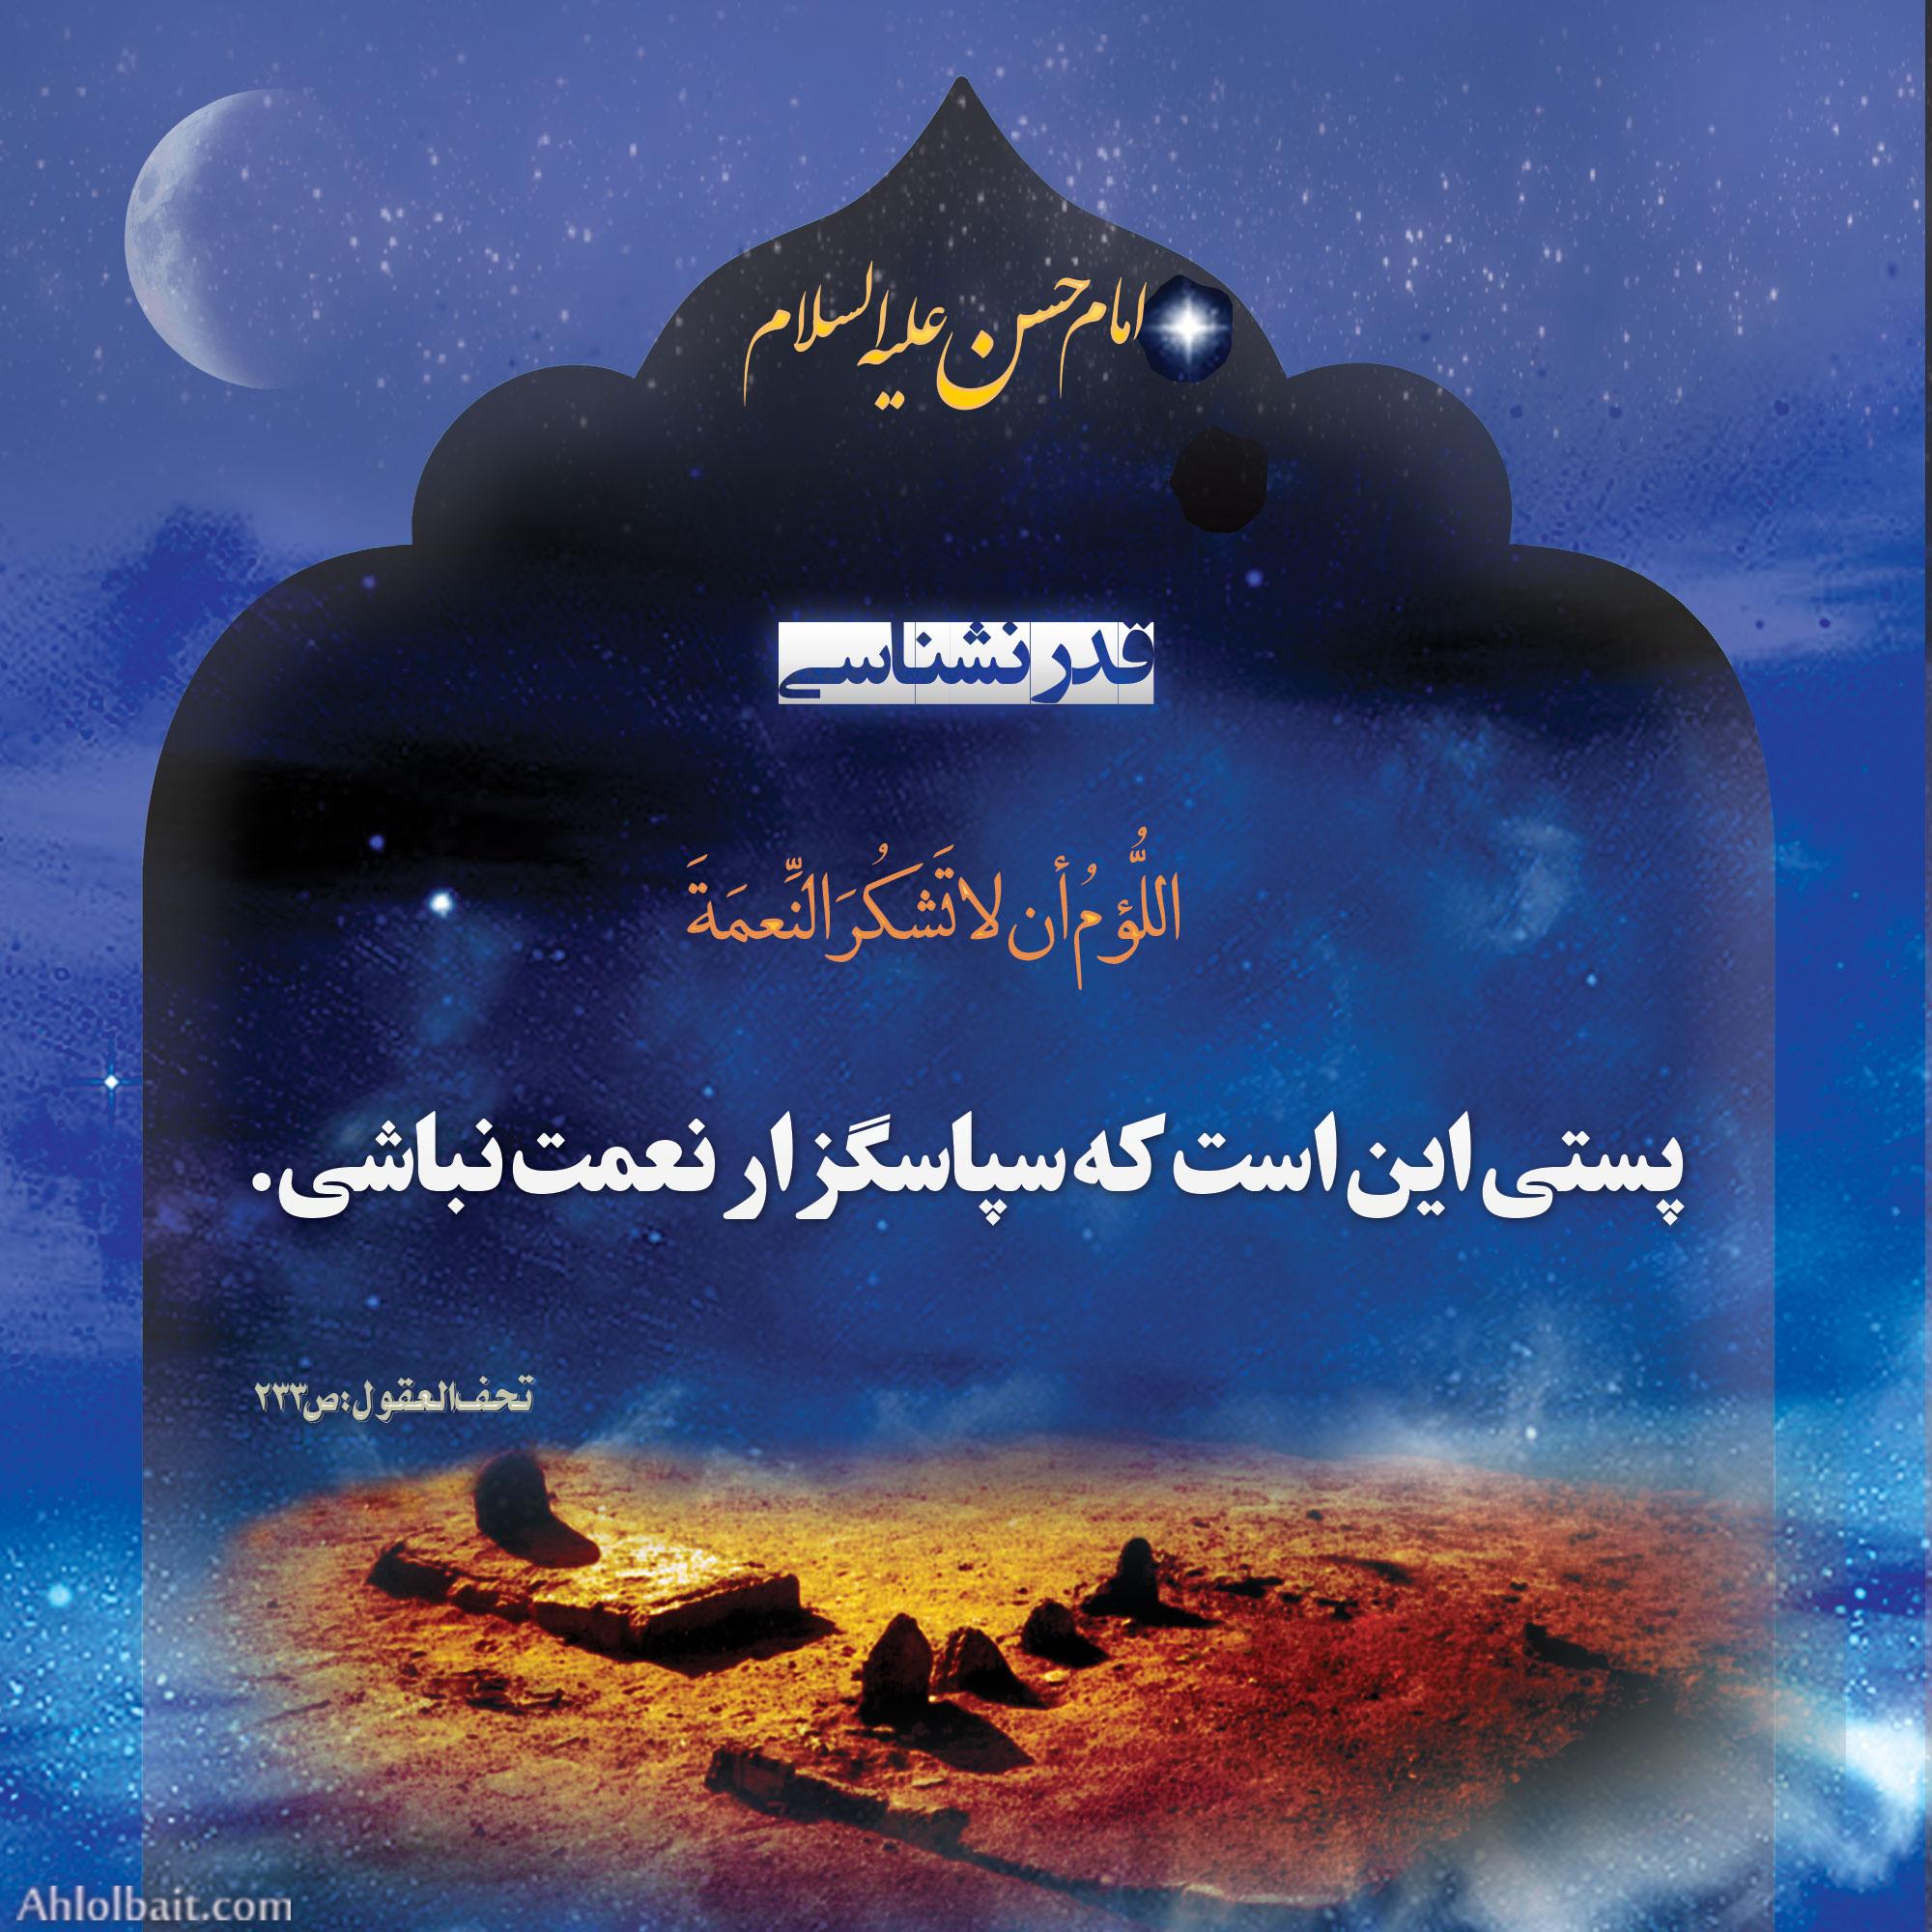 احادیث تصویری امام حسن علیه السلام